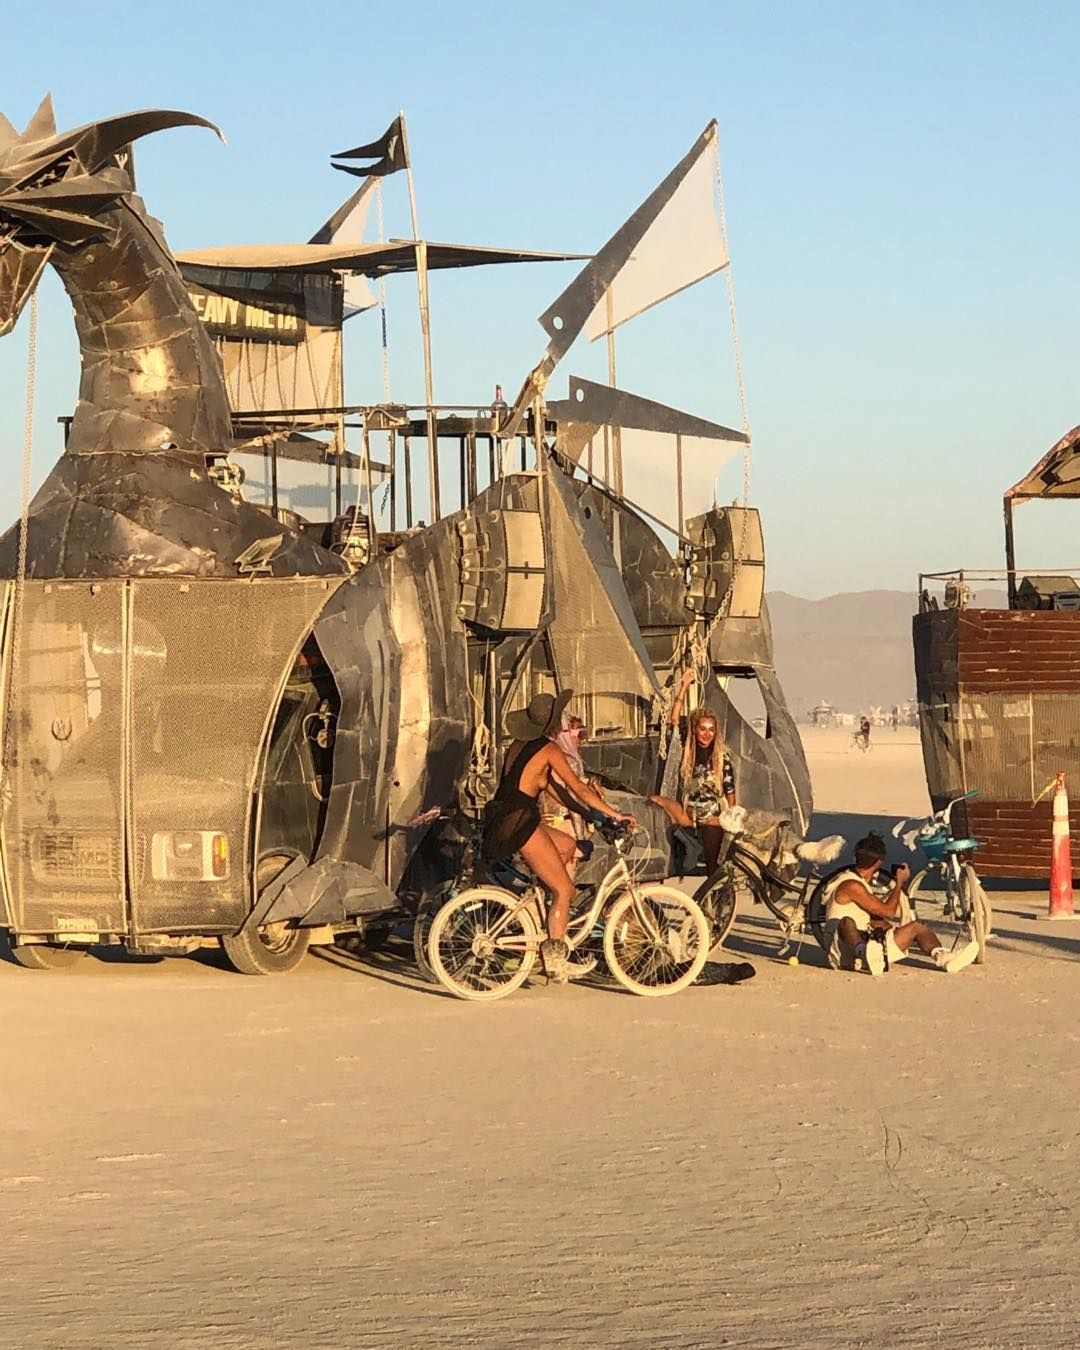 Транспорт з фестивалю Burning Man 2019: дитячі мрії та нічні жахіття дорослих зібрались на шабаші в пустелі